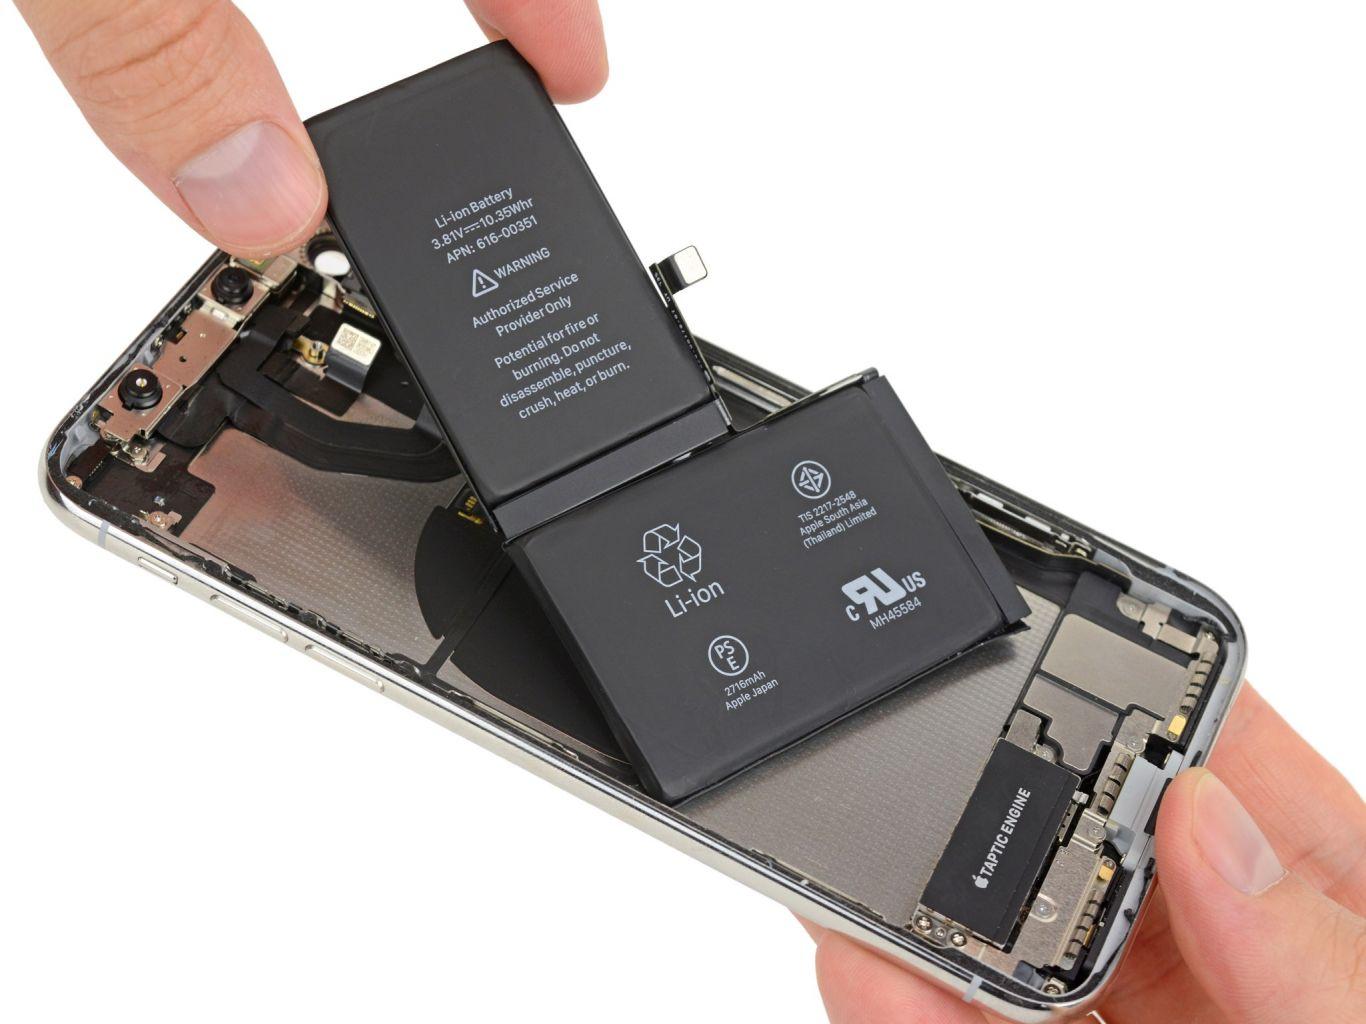 关于新款iPhone的最后一波愿望清单